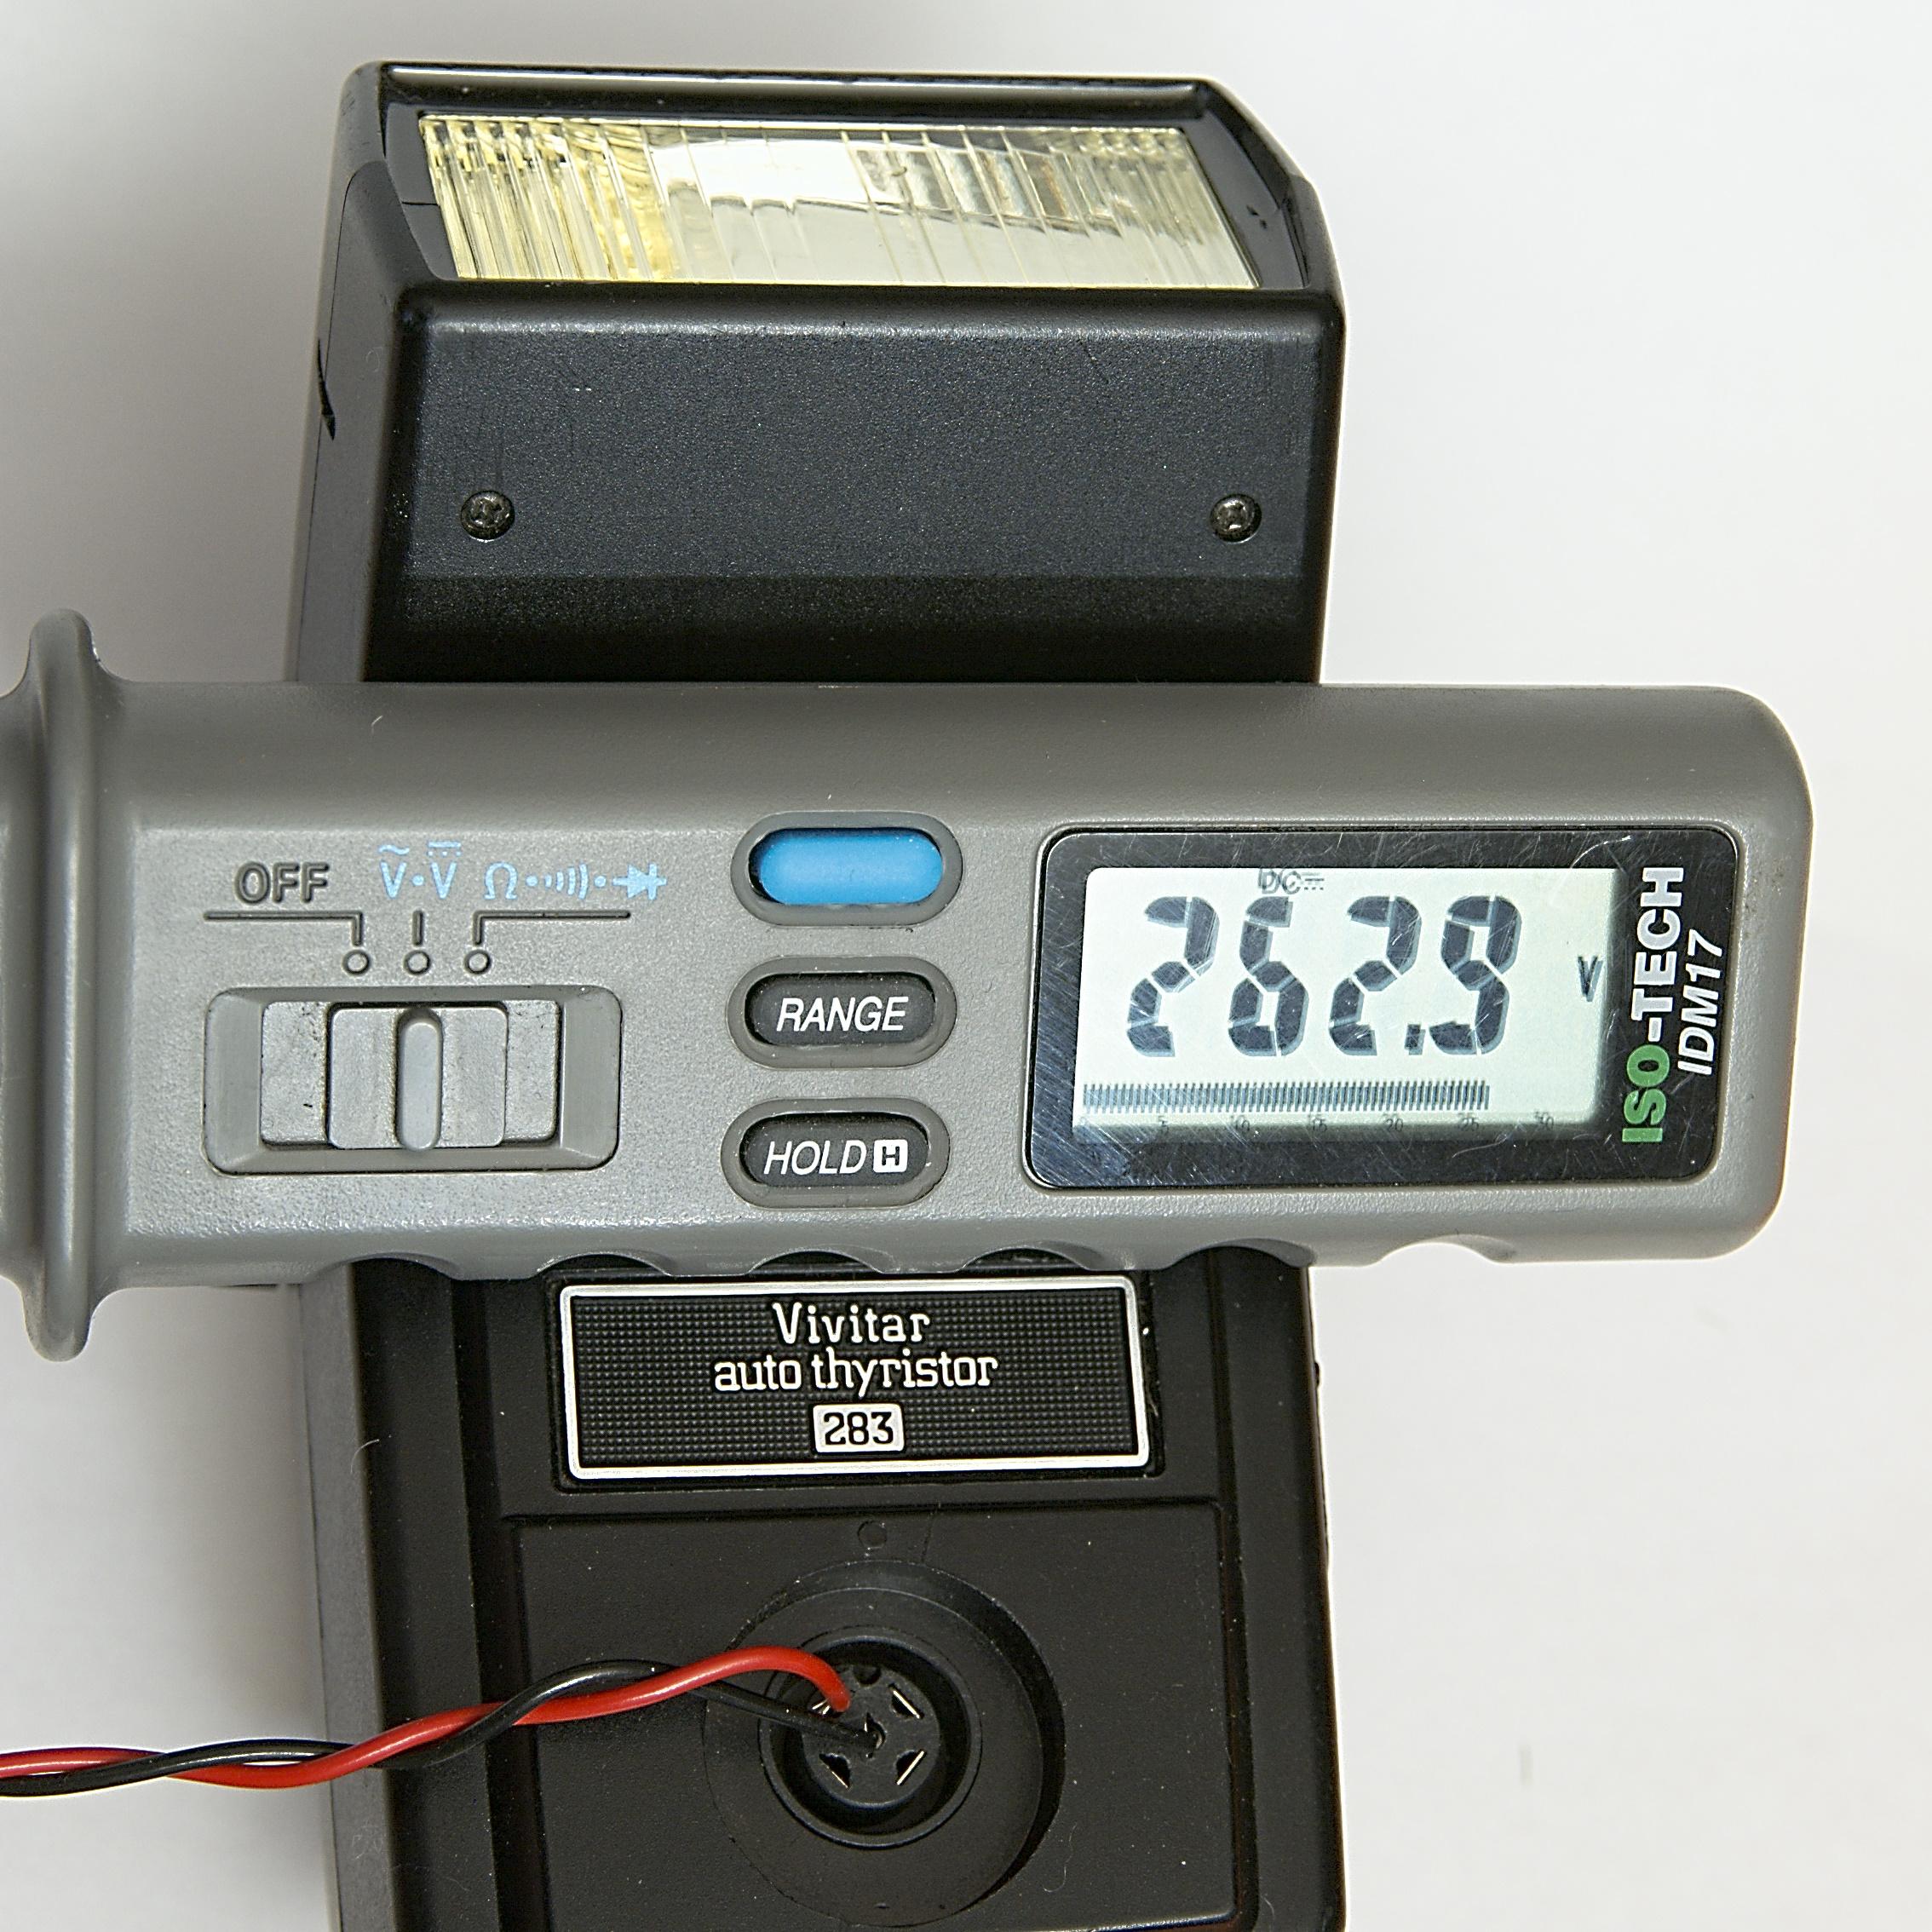 FJ95Y69GJQEK682?width=2100 taming the high trigger voltage of the vivitar 283 5 steps